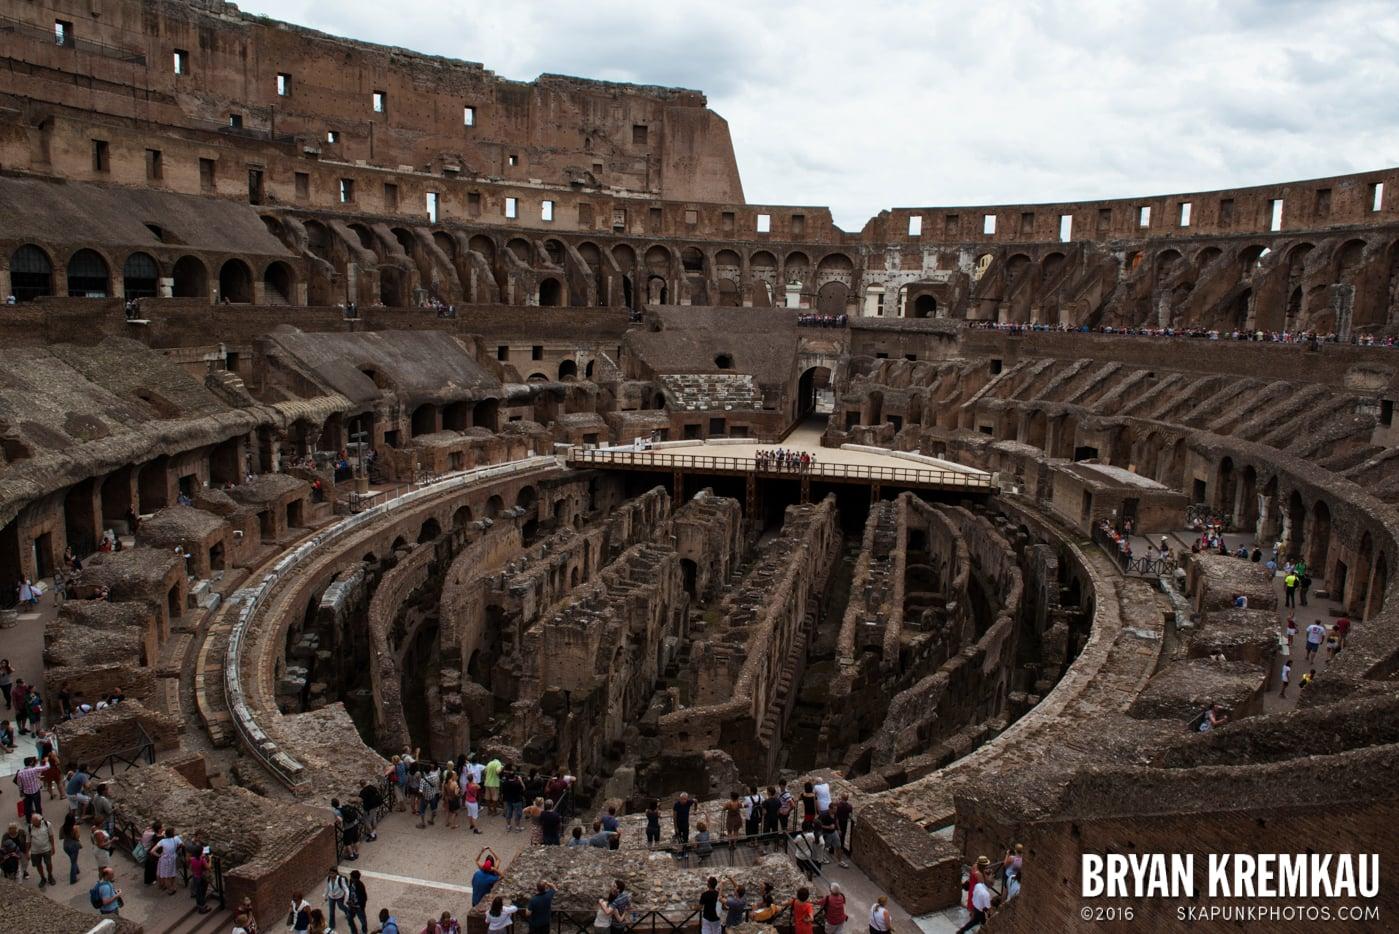 Italy Vacation - Day 2: Rome - 9.10.13 (44)